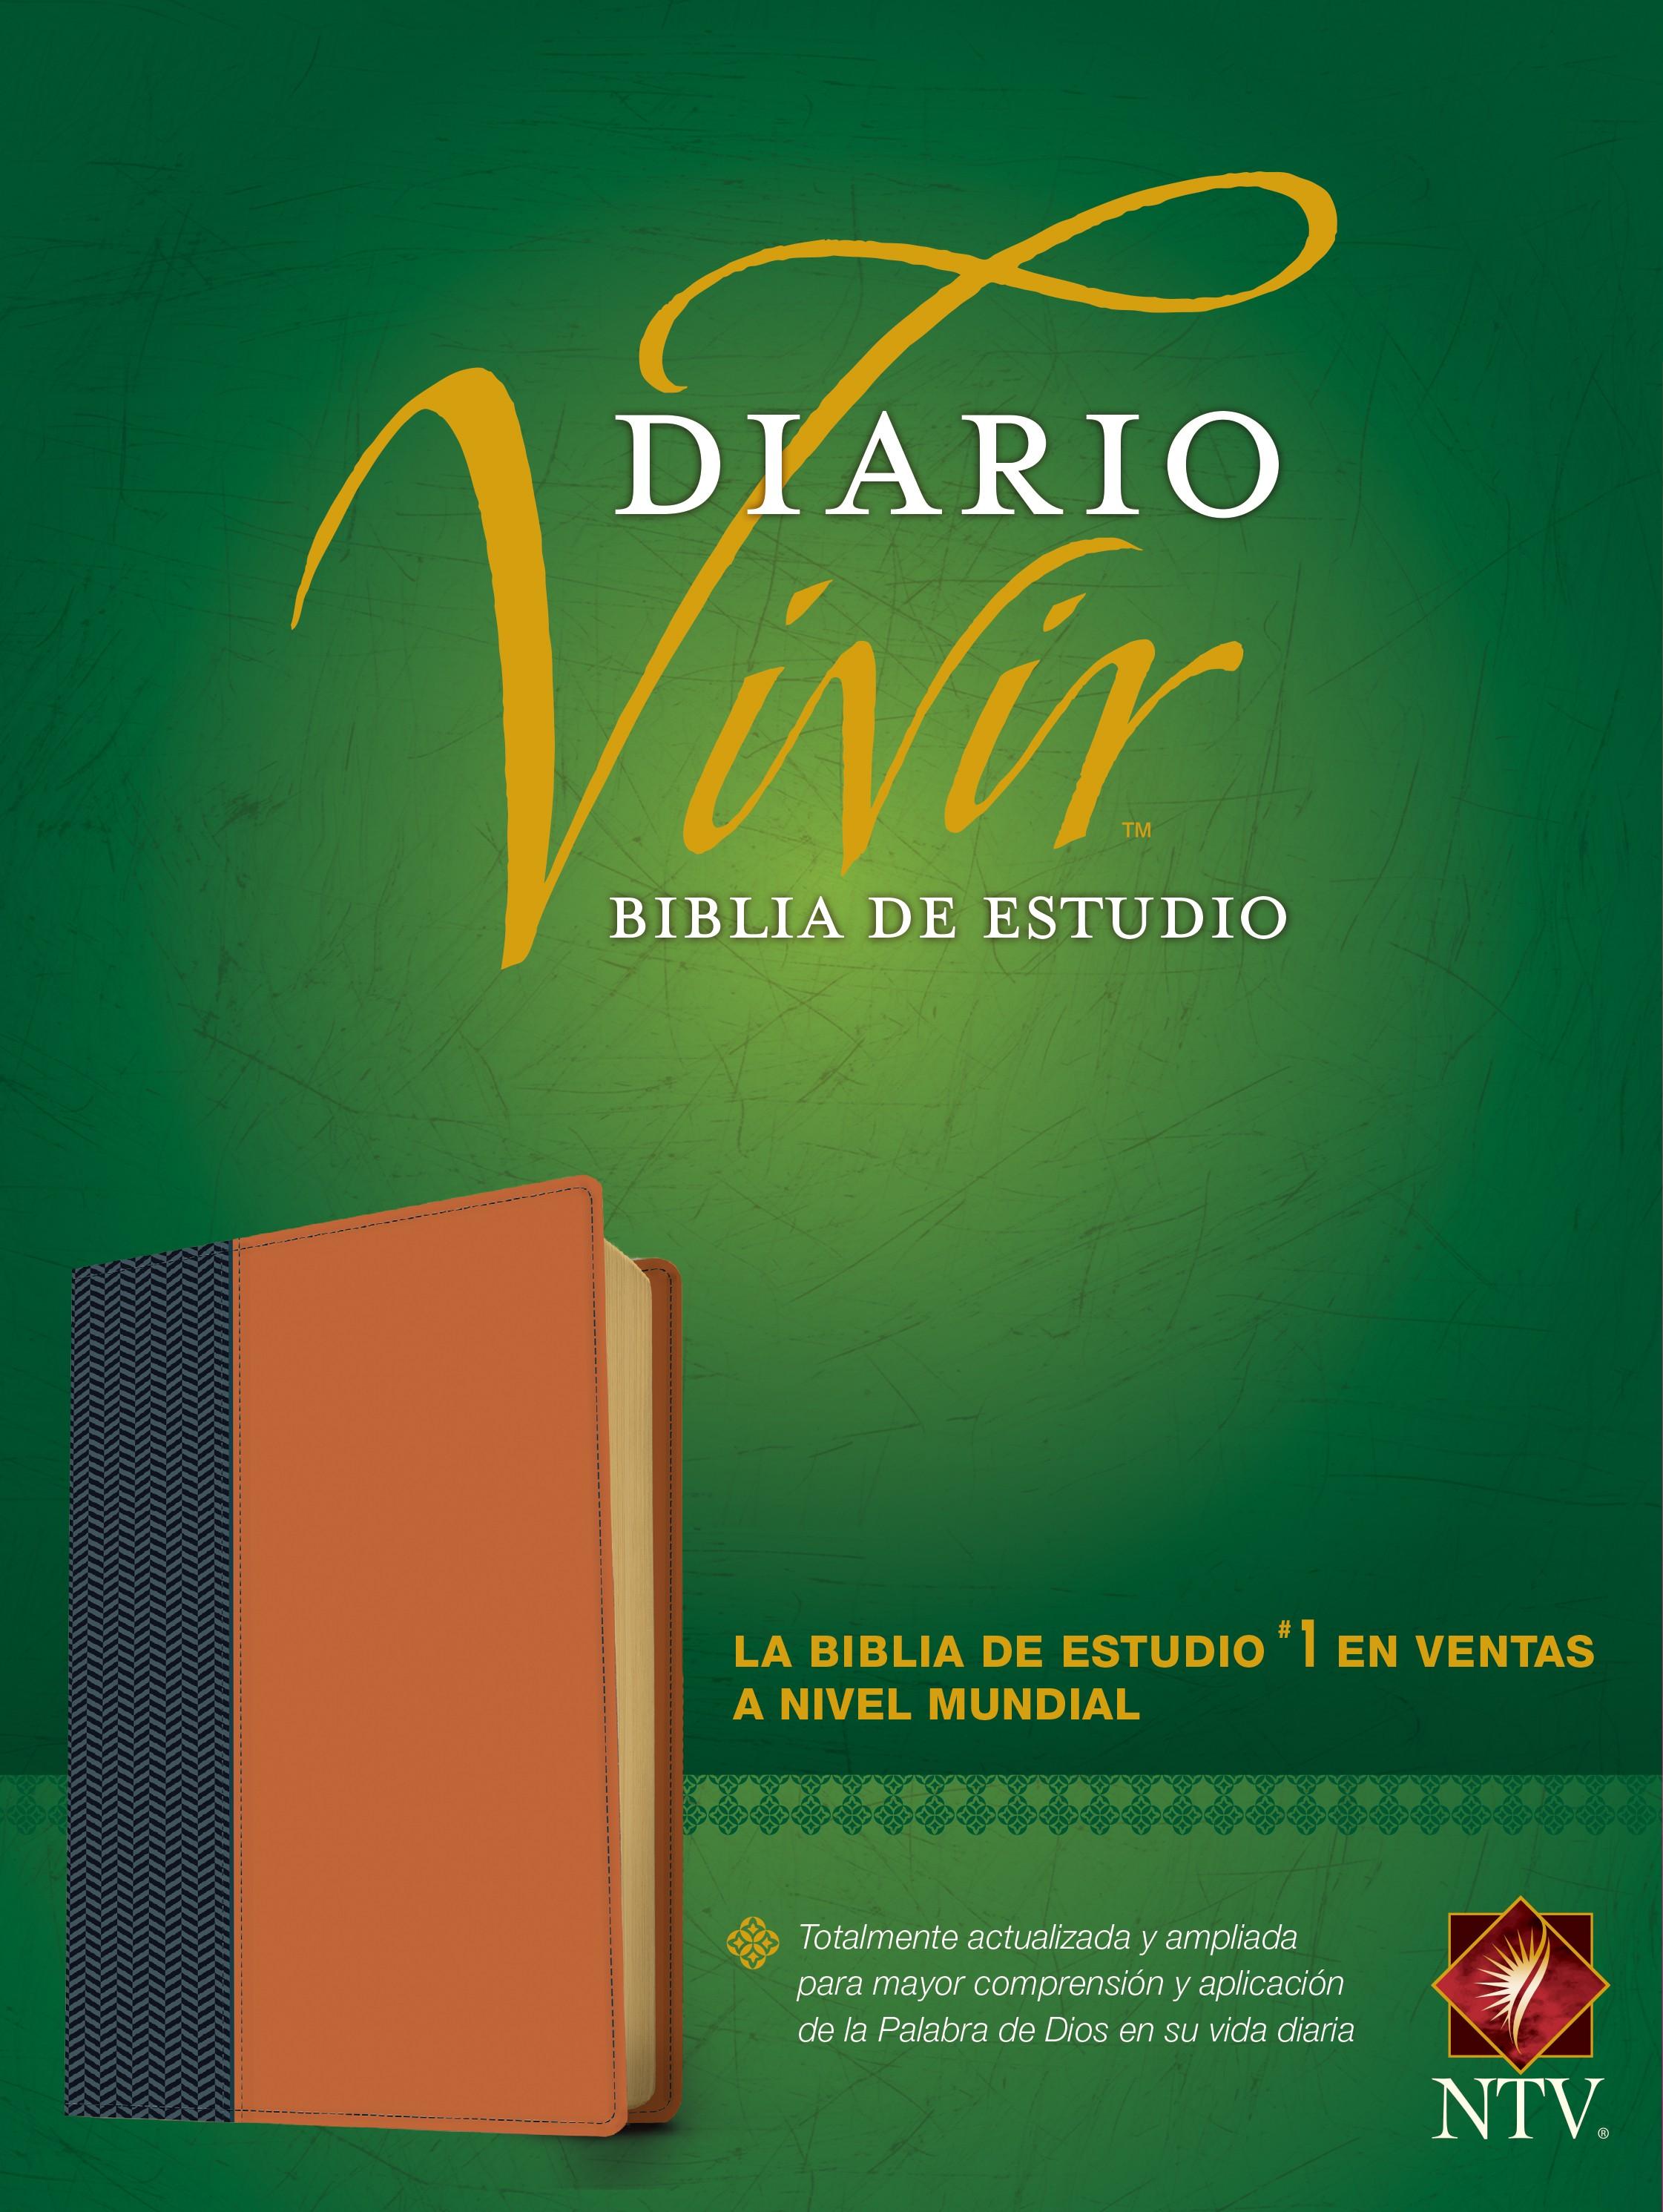 Biblia de estudio del diario vivir NTV (Letra Roja, SentiPiel, Azul/Café claro, Índice)